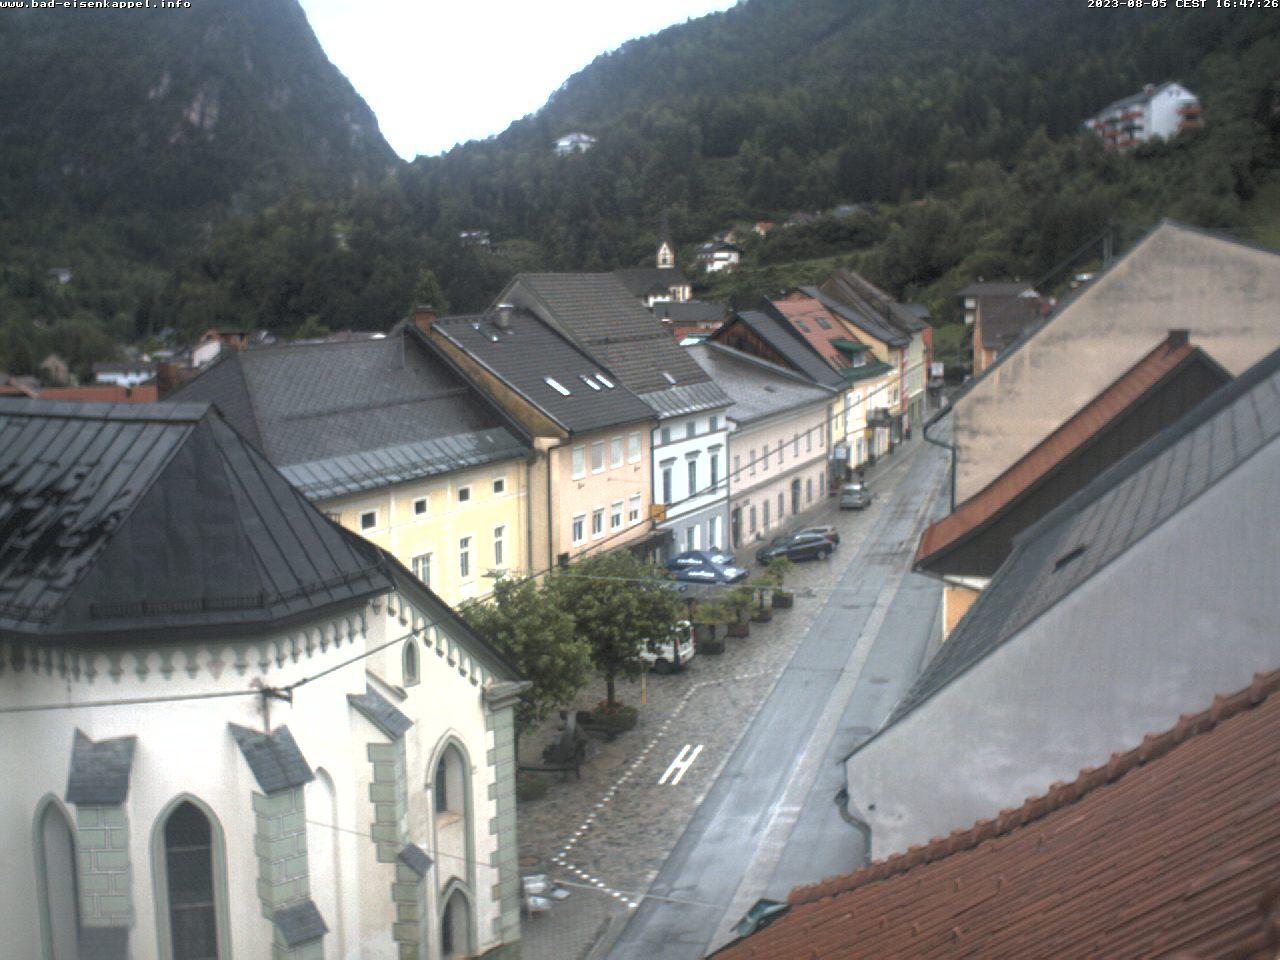 Webcam-Livebild Hauptplatz Eisenkappel, Aktualisierung alle 20 Sekunden